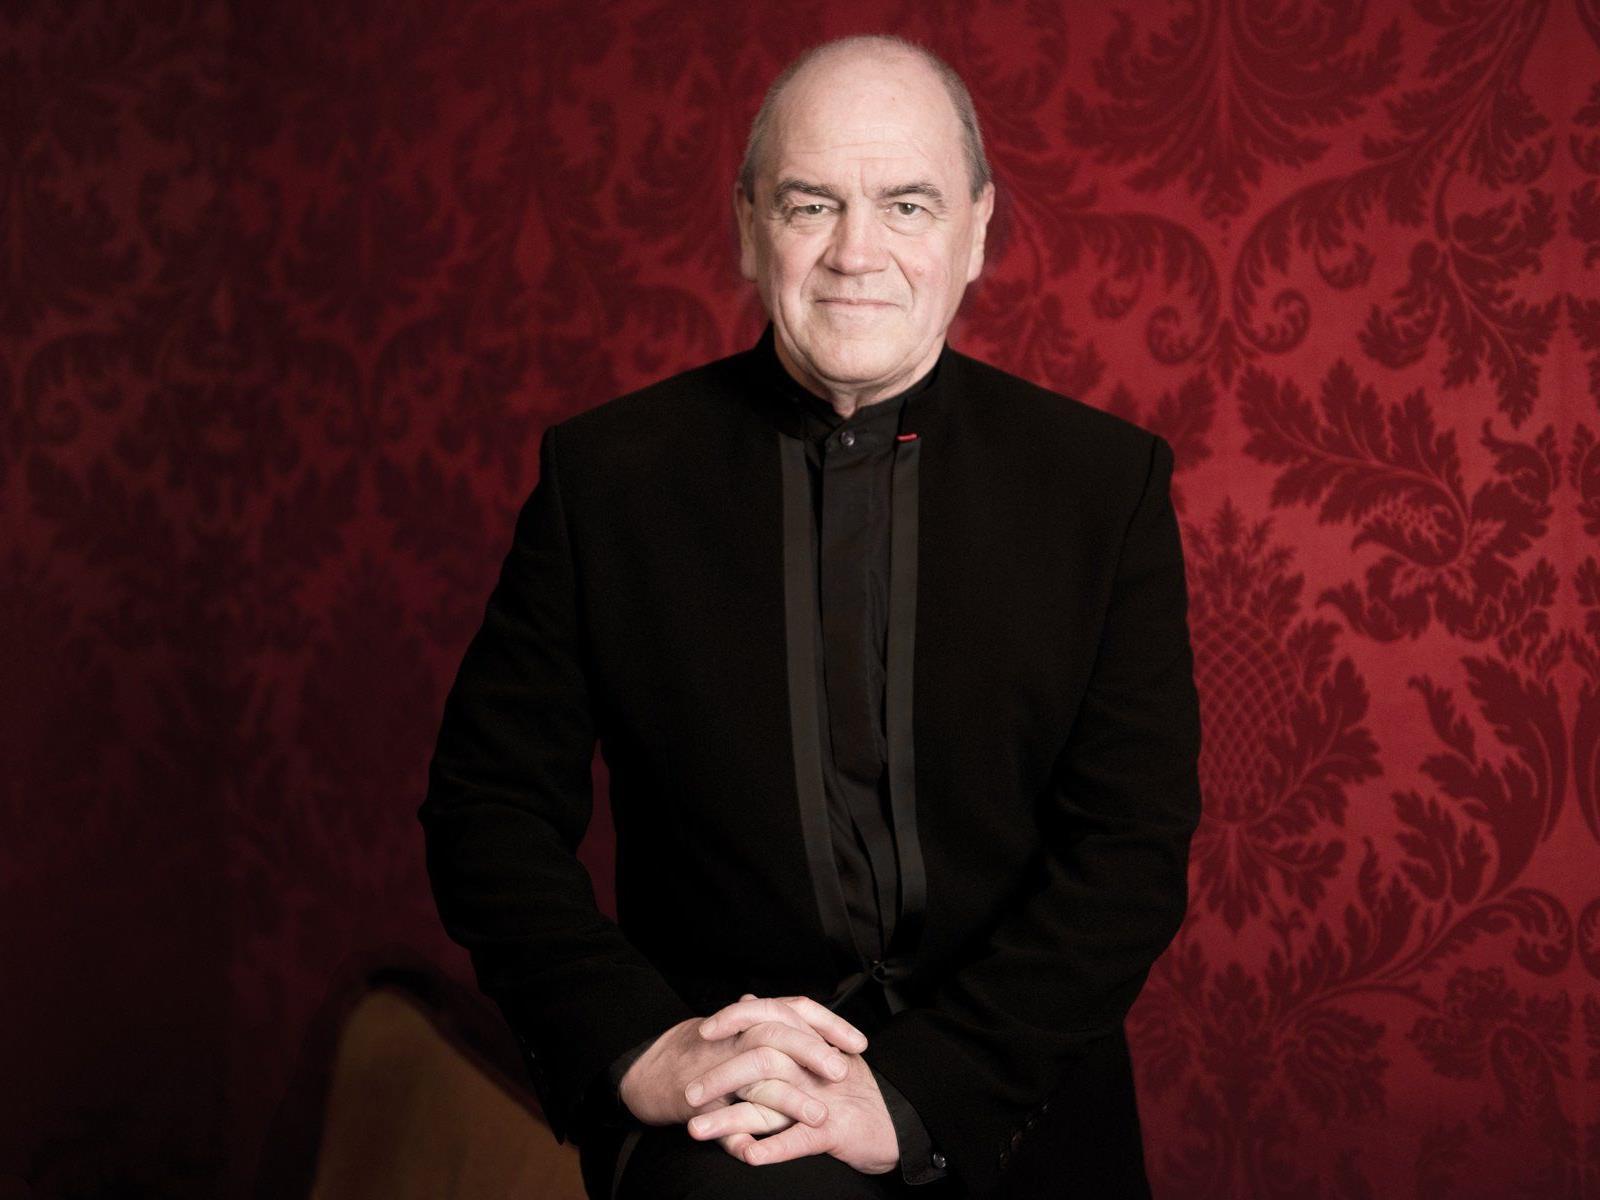 Hans Graf – einer der bedeutendsten Dirigenten der heutigen Zeit – steht zum ersten Mal am Dirigentenpult des Symphonieorchesters.